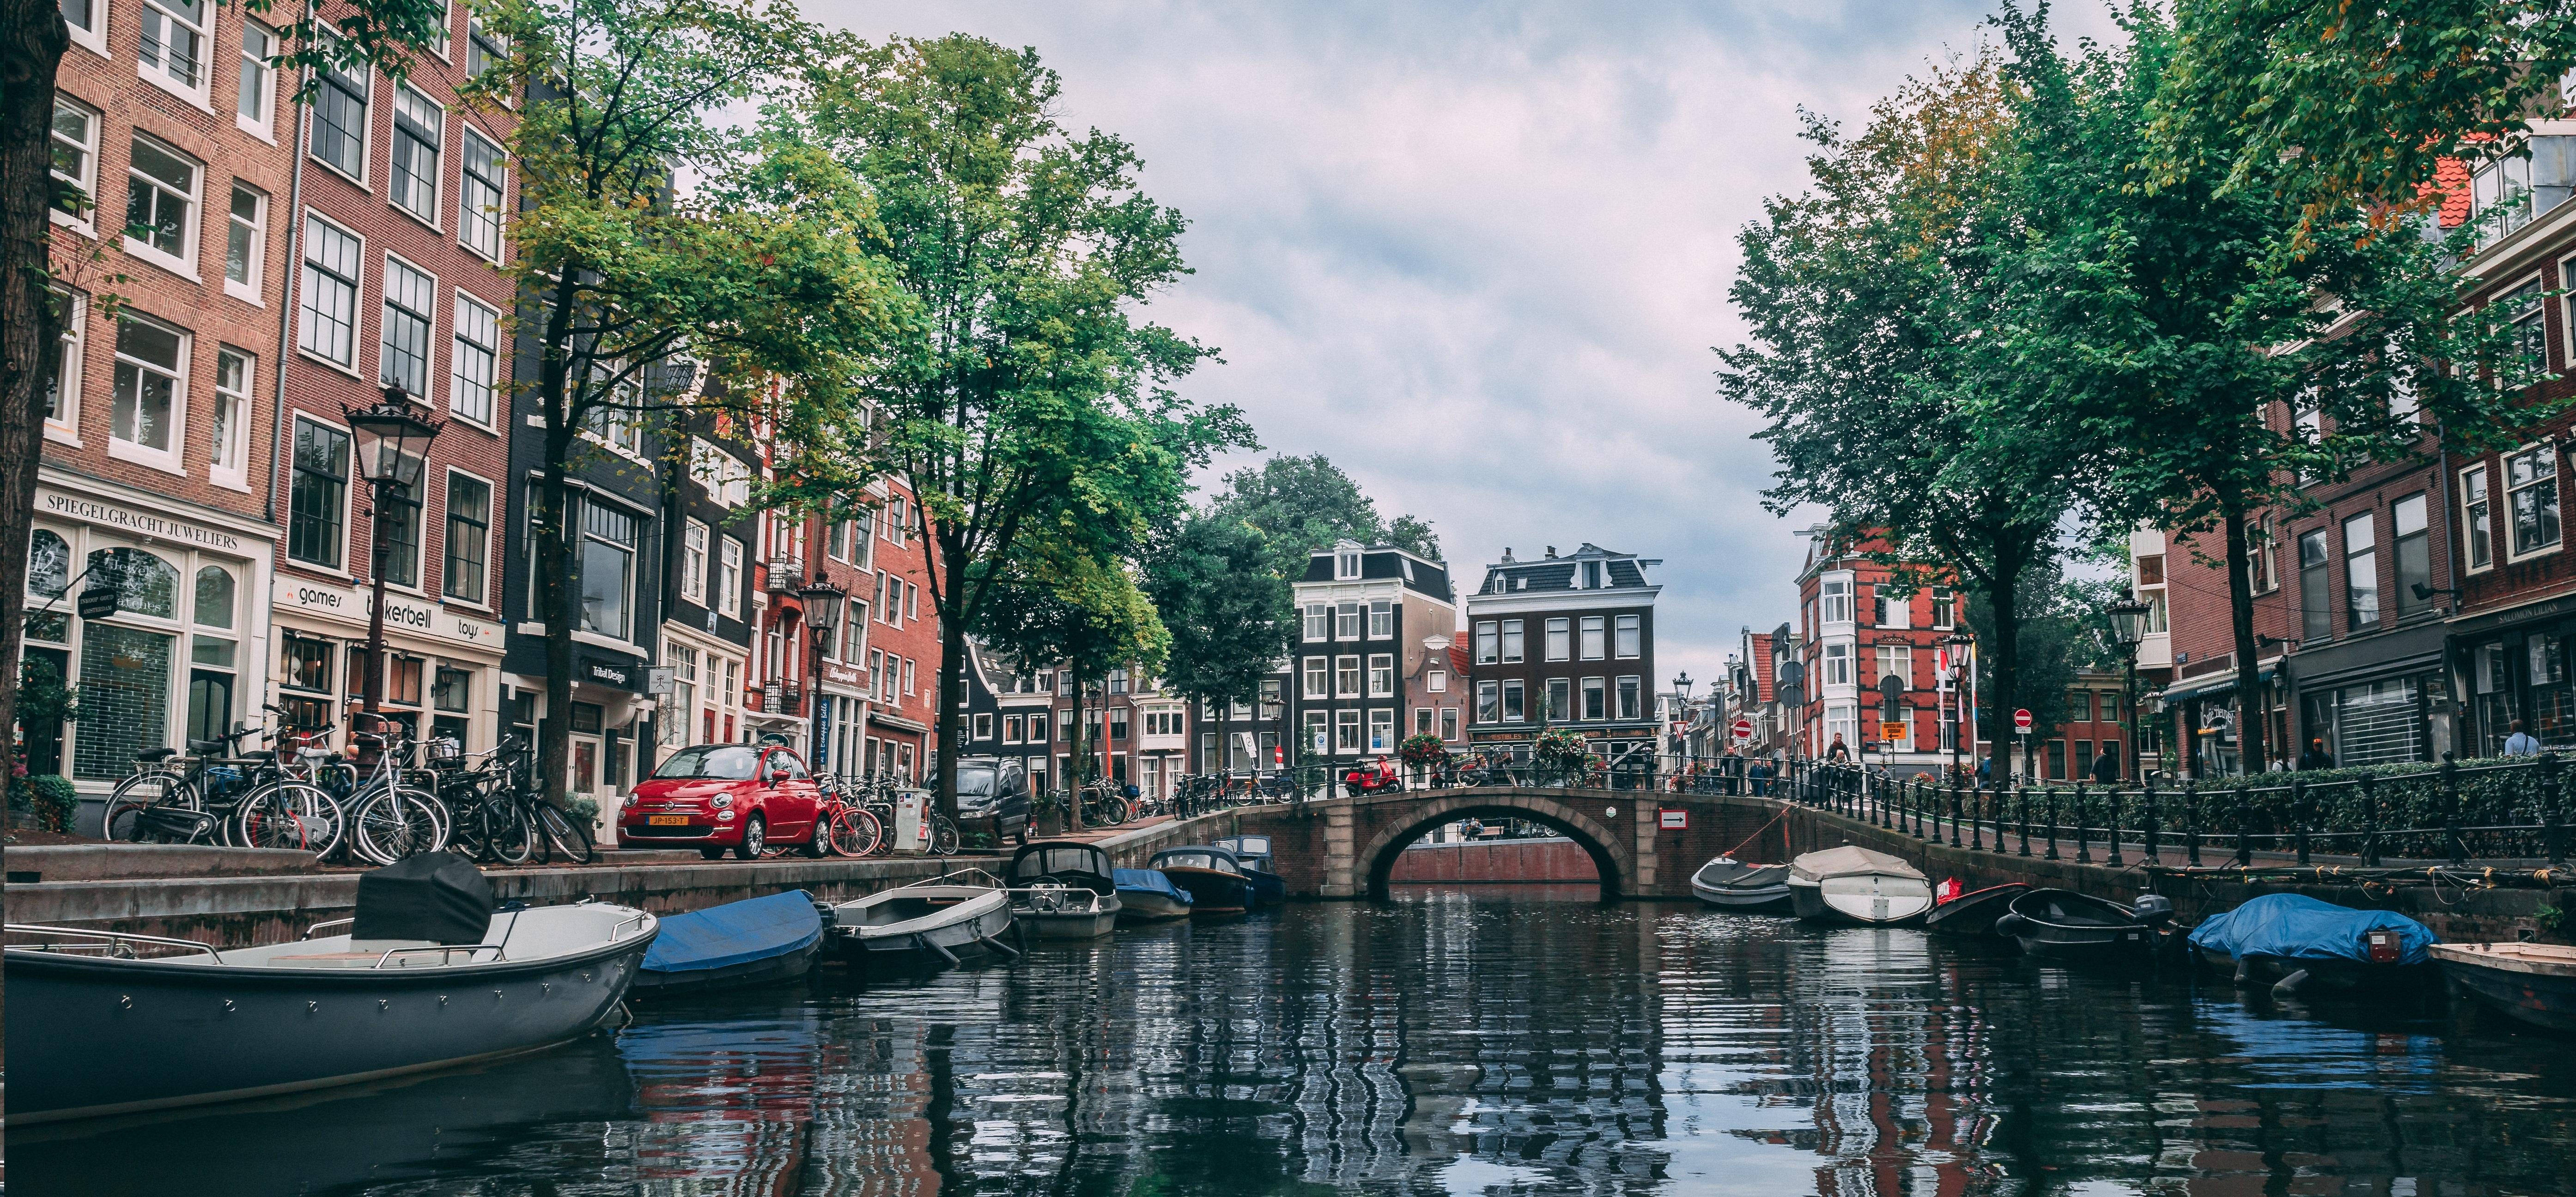 Estudar na Holanda: melhores bolsas